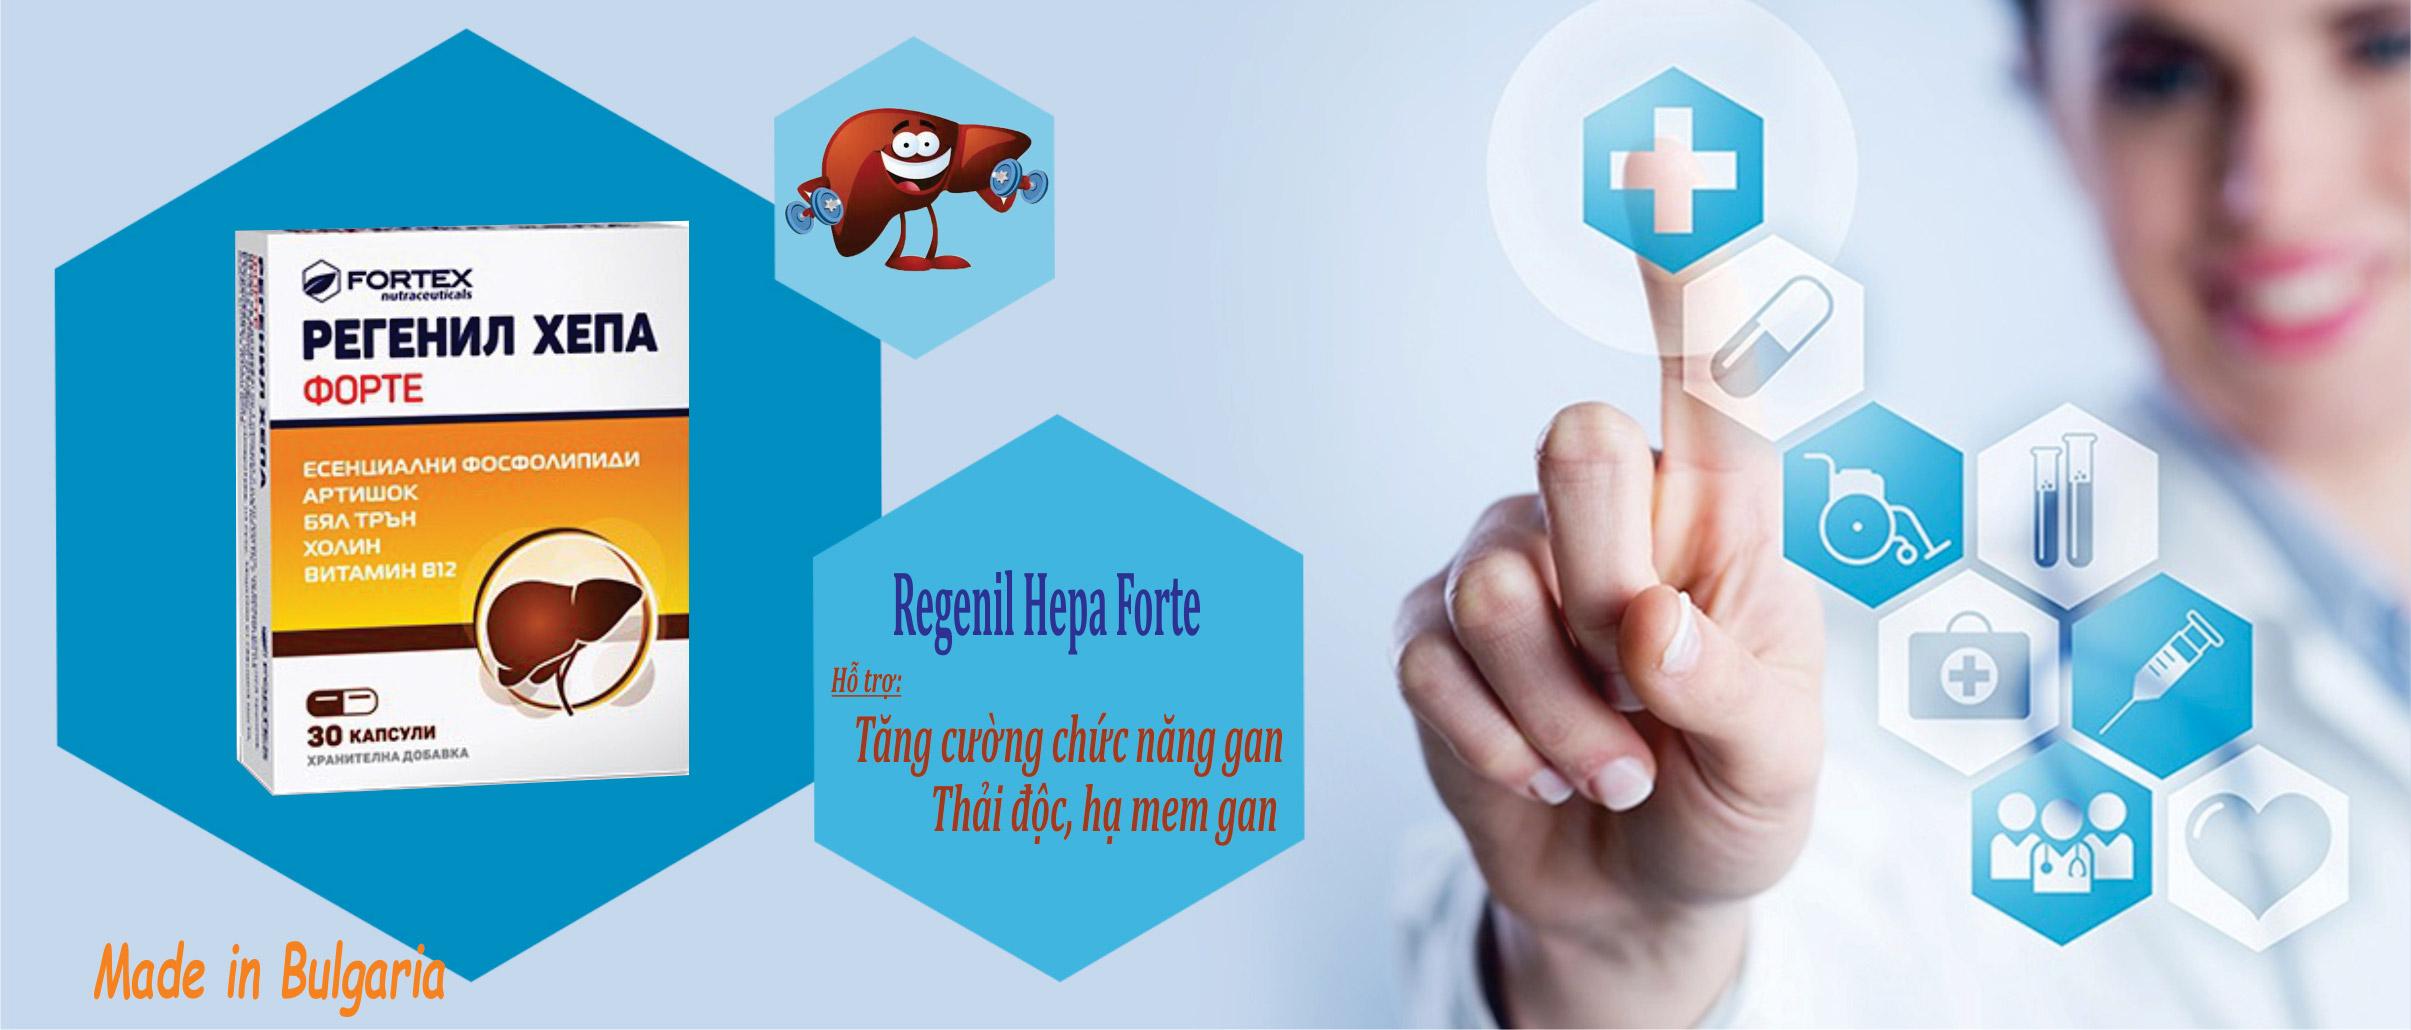 http://www.rosix.com.vn/tpbvsk-regenil-hepa-forte-giai-doc-ha-men-gan